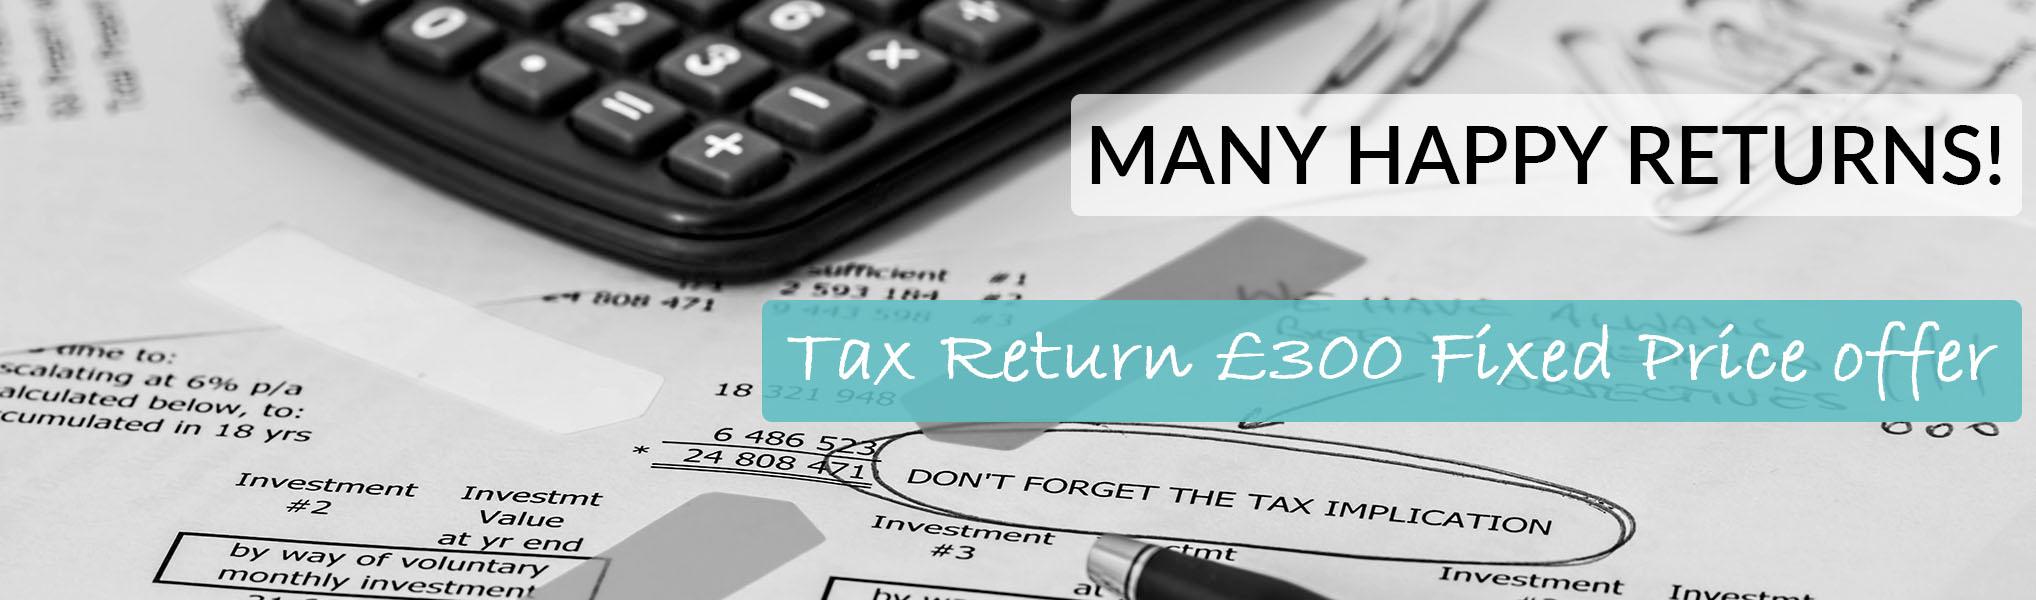 Tax offer